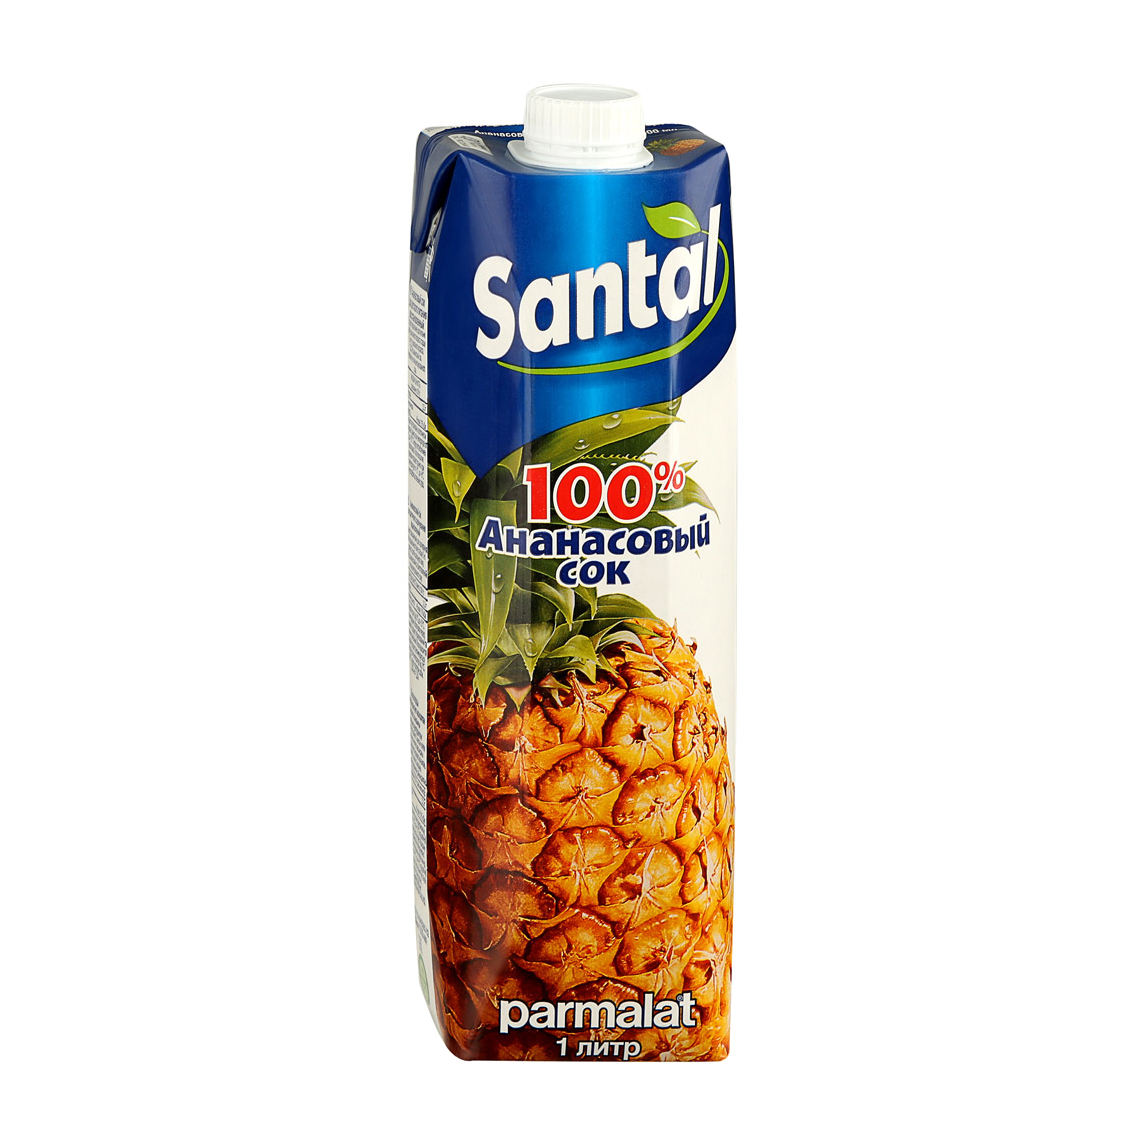 Сок Santal ананасовый 100% 1 л